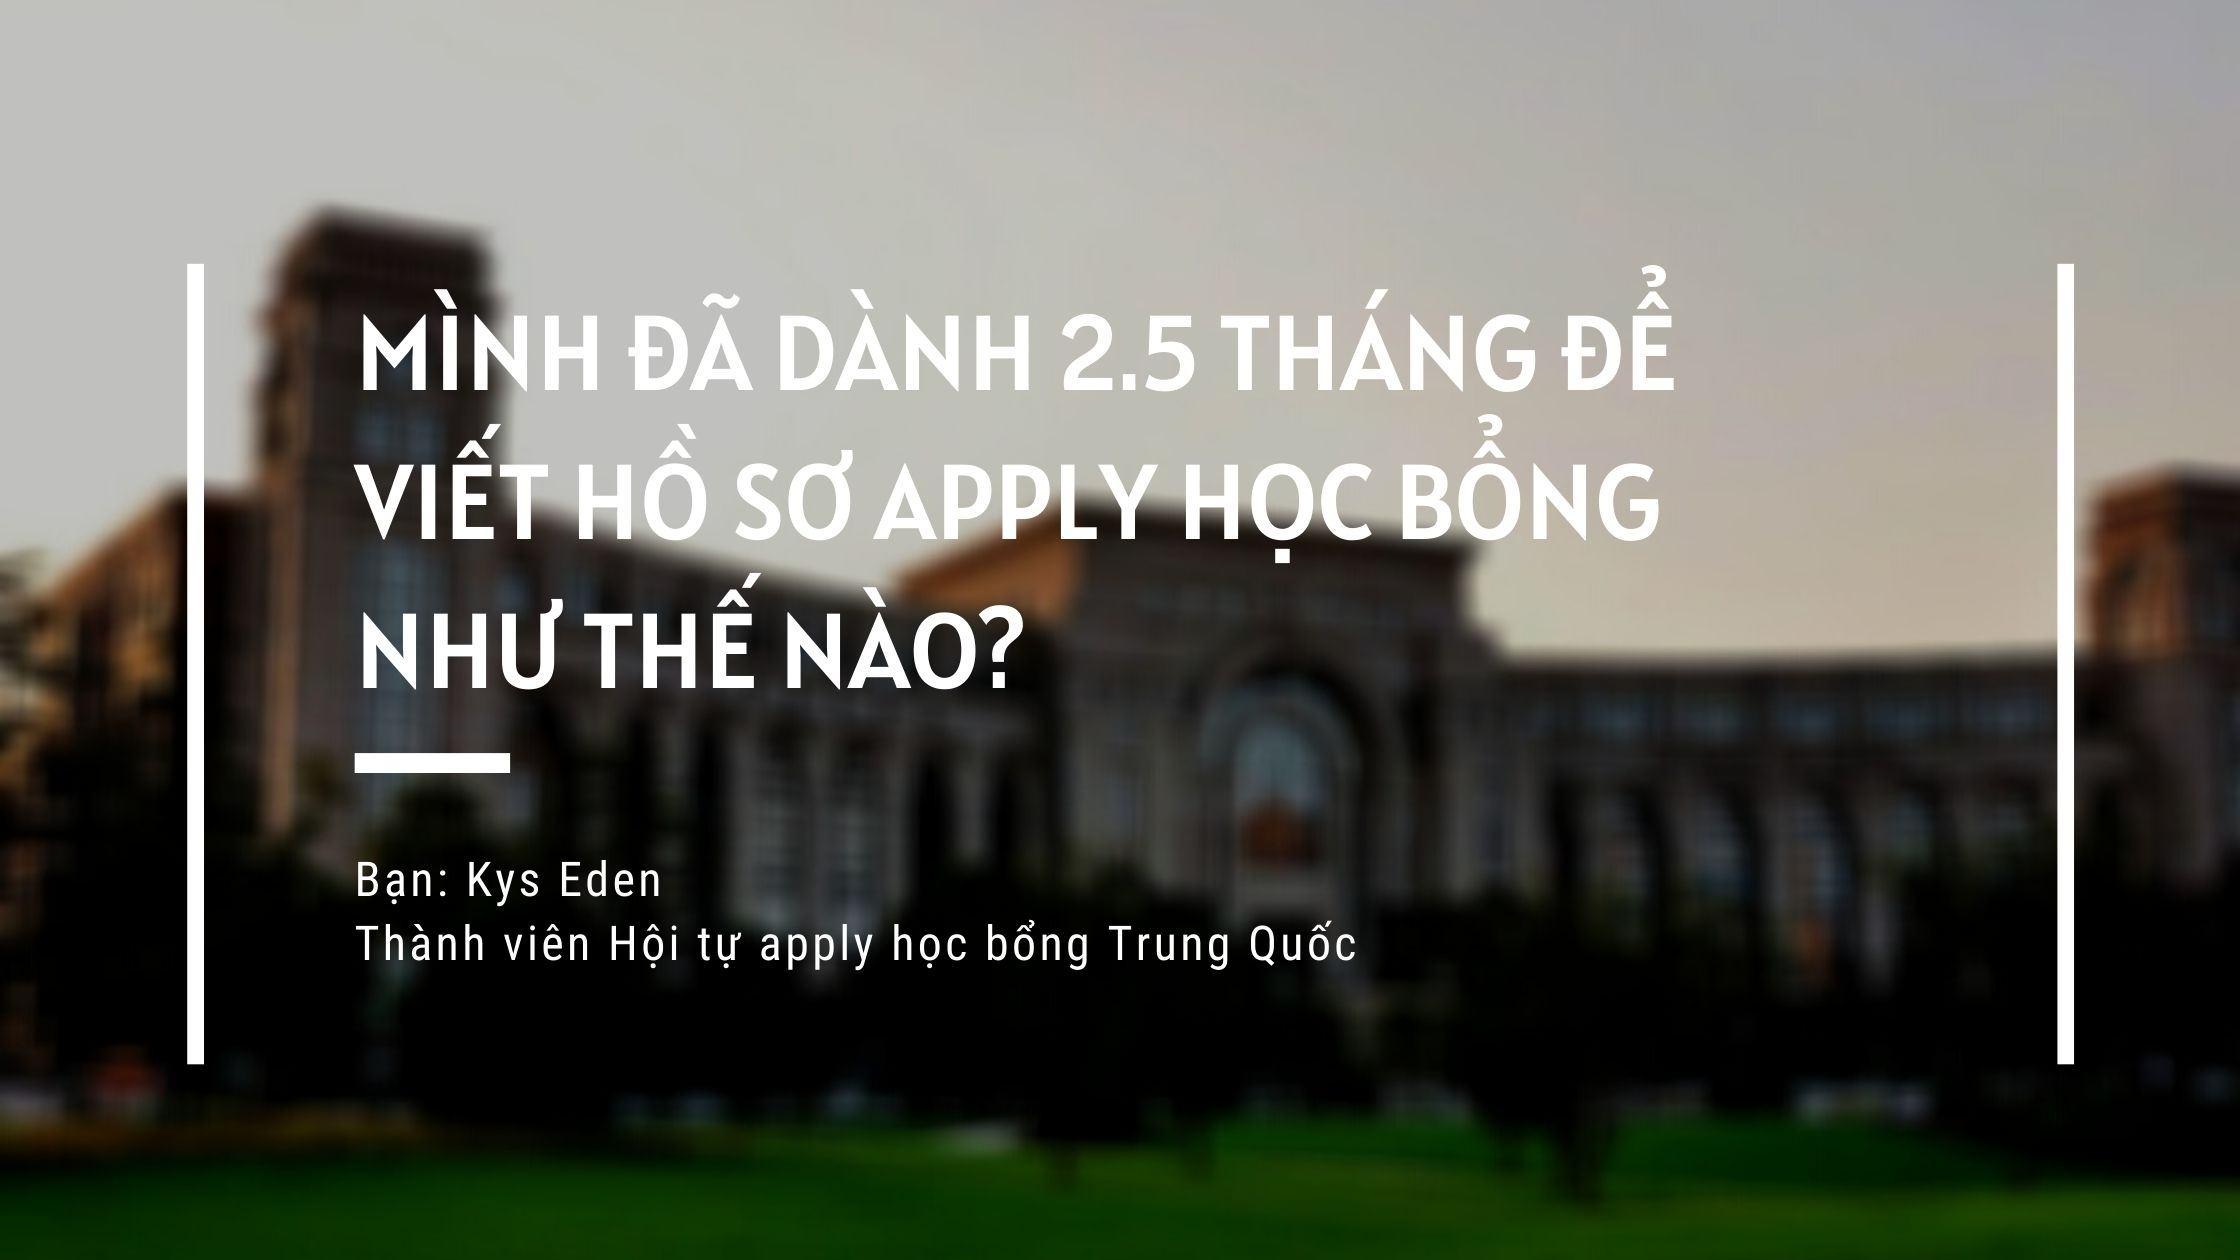 Mình Đã Dành 2.5 Tháng Để Viết Hồ Sơ Apply Học Bổng Như Thế Nào?